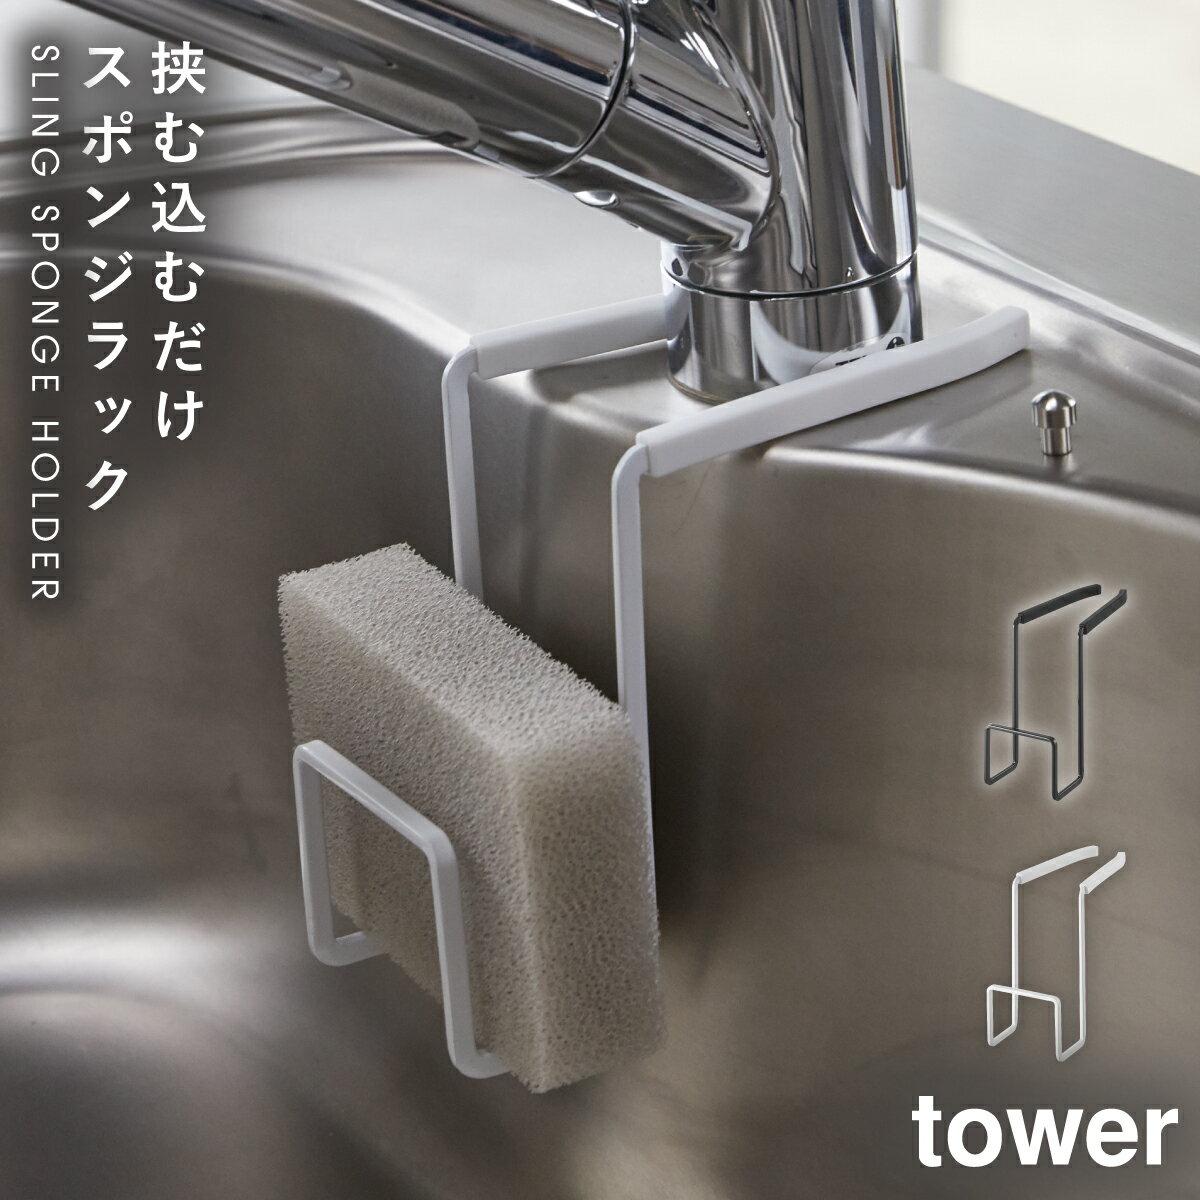 スポンジホルダー スポンジラック シンク 蛇口にかけるスポンジラック タワー tower ホワイト ブラック 山崎実業